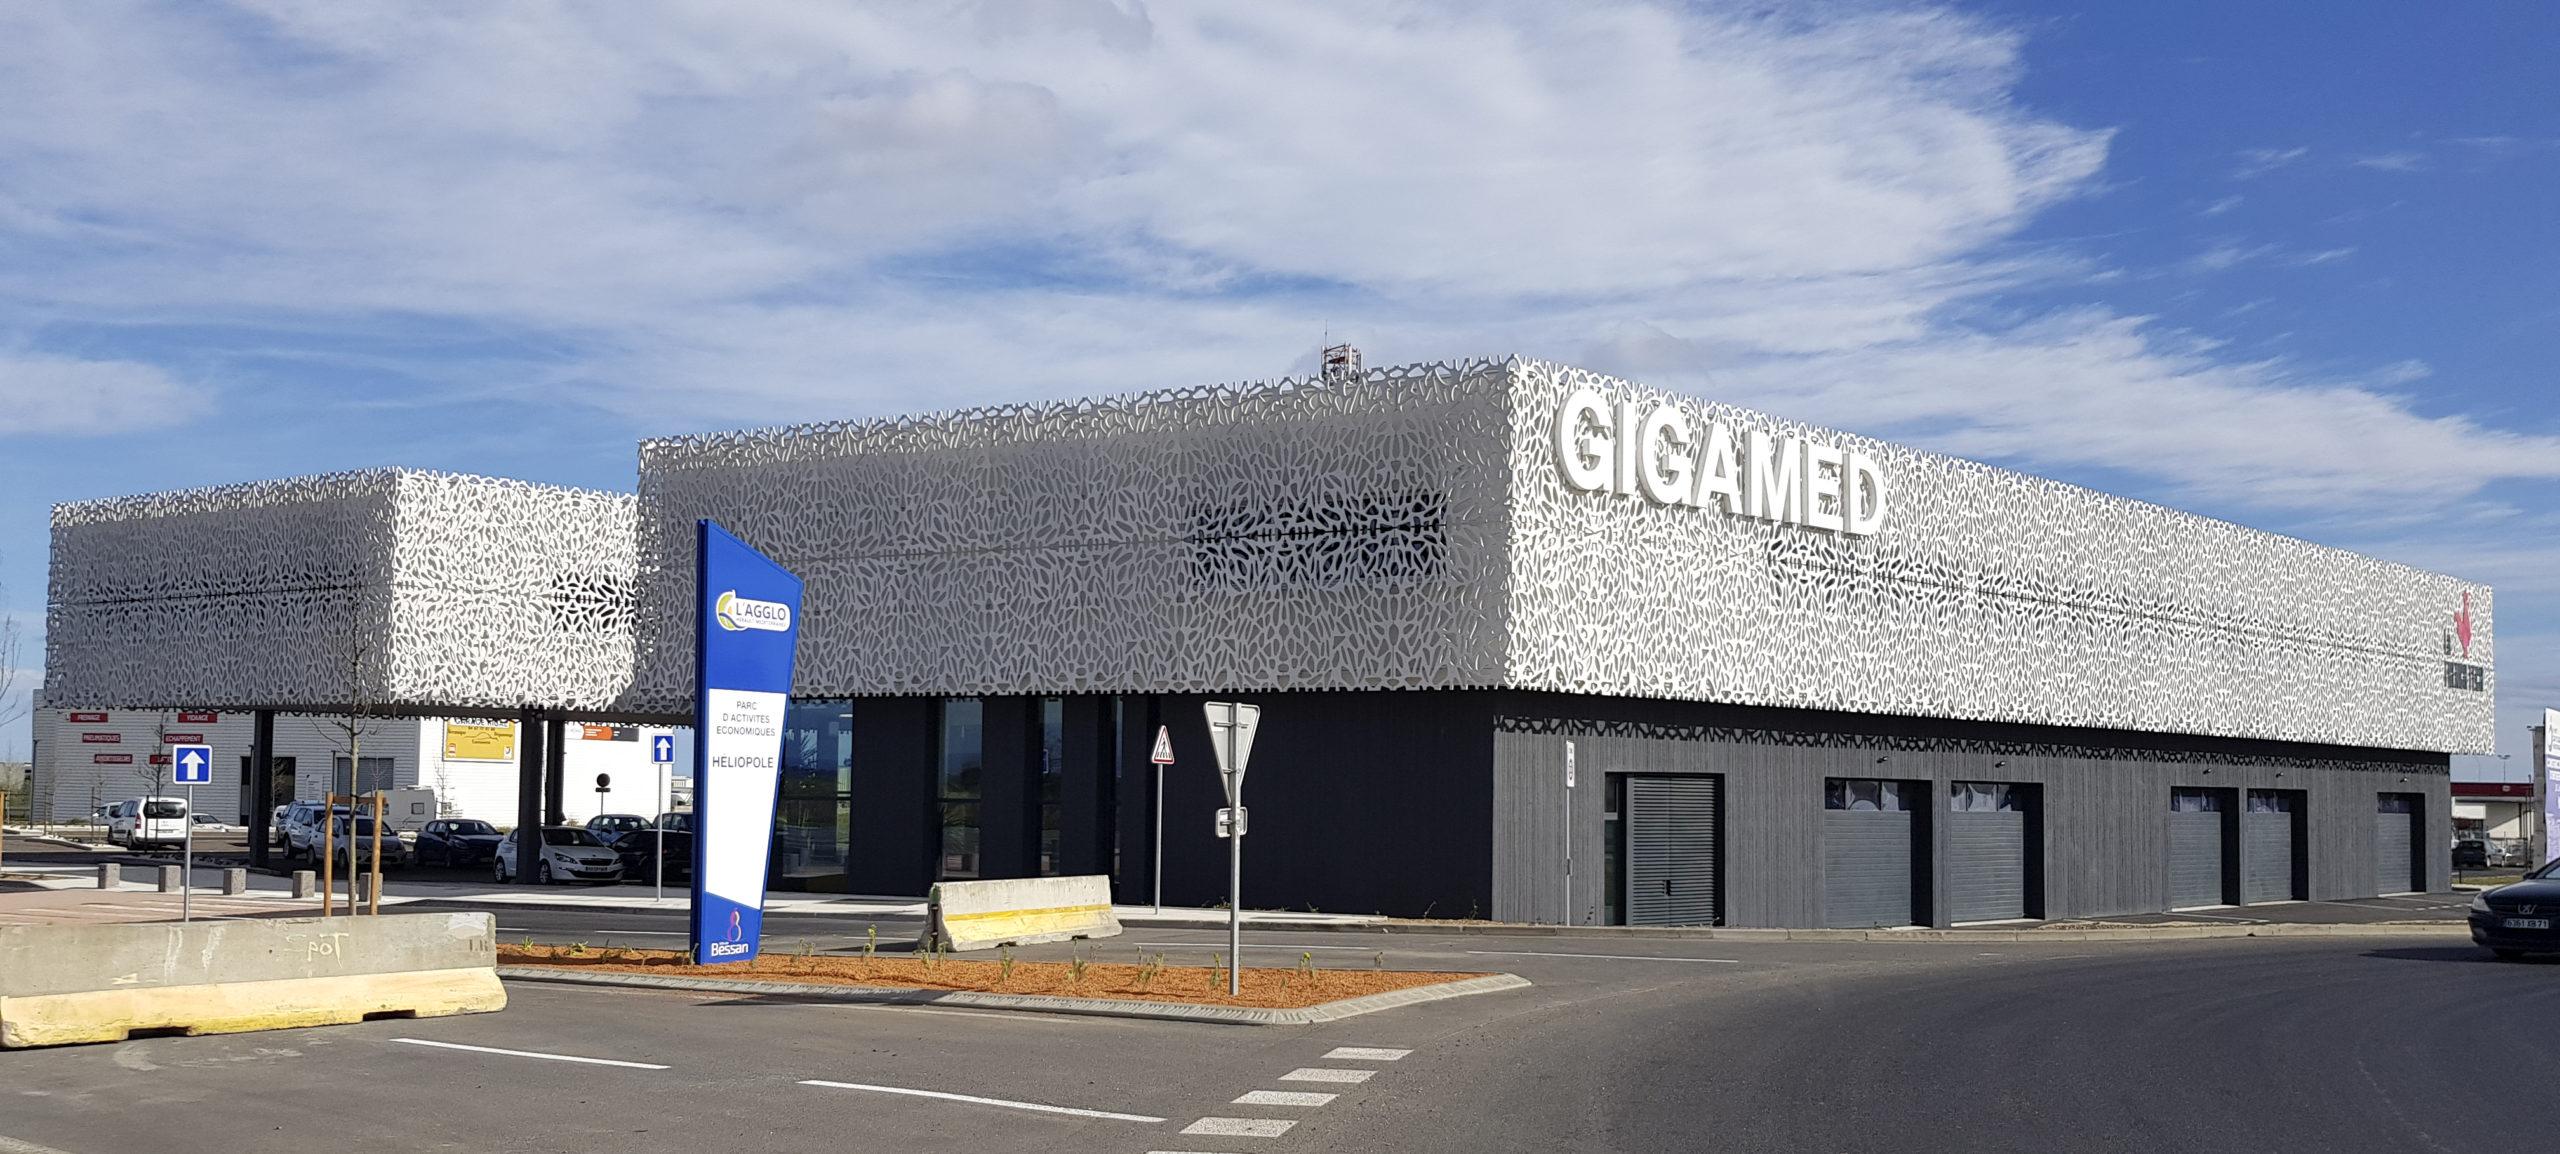 Chantier Pépinière entreprise, Gigamed 1